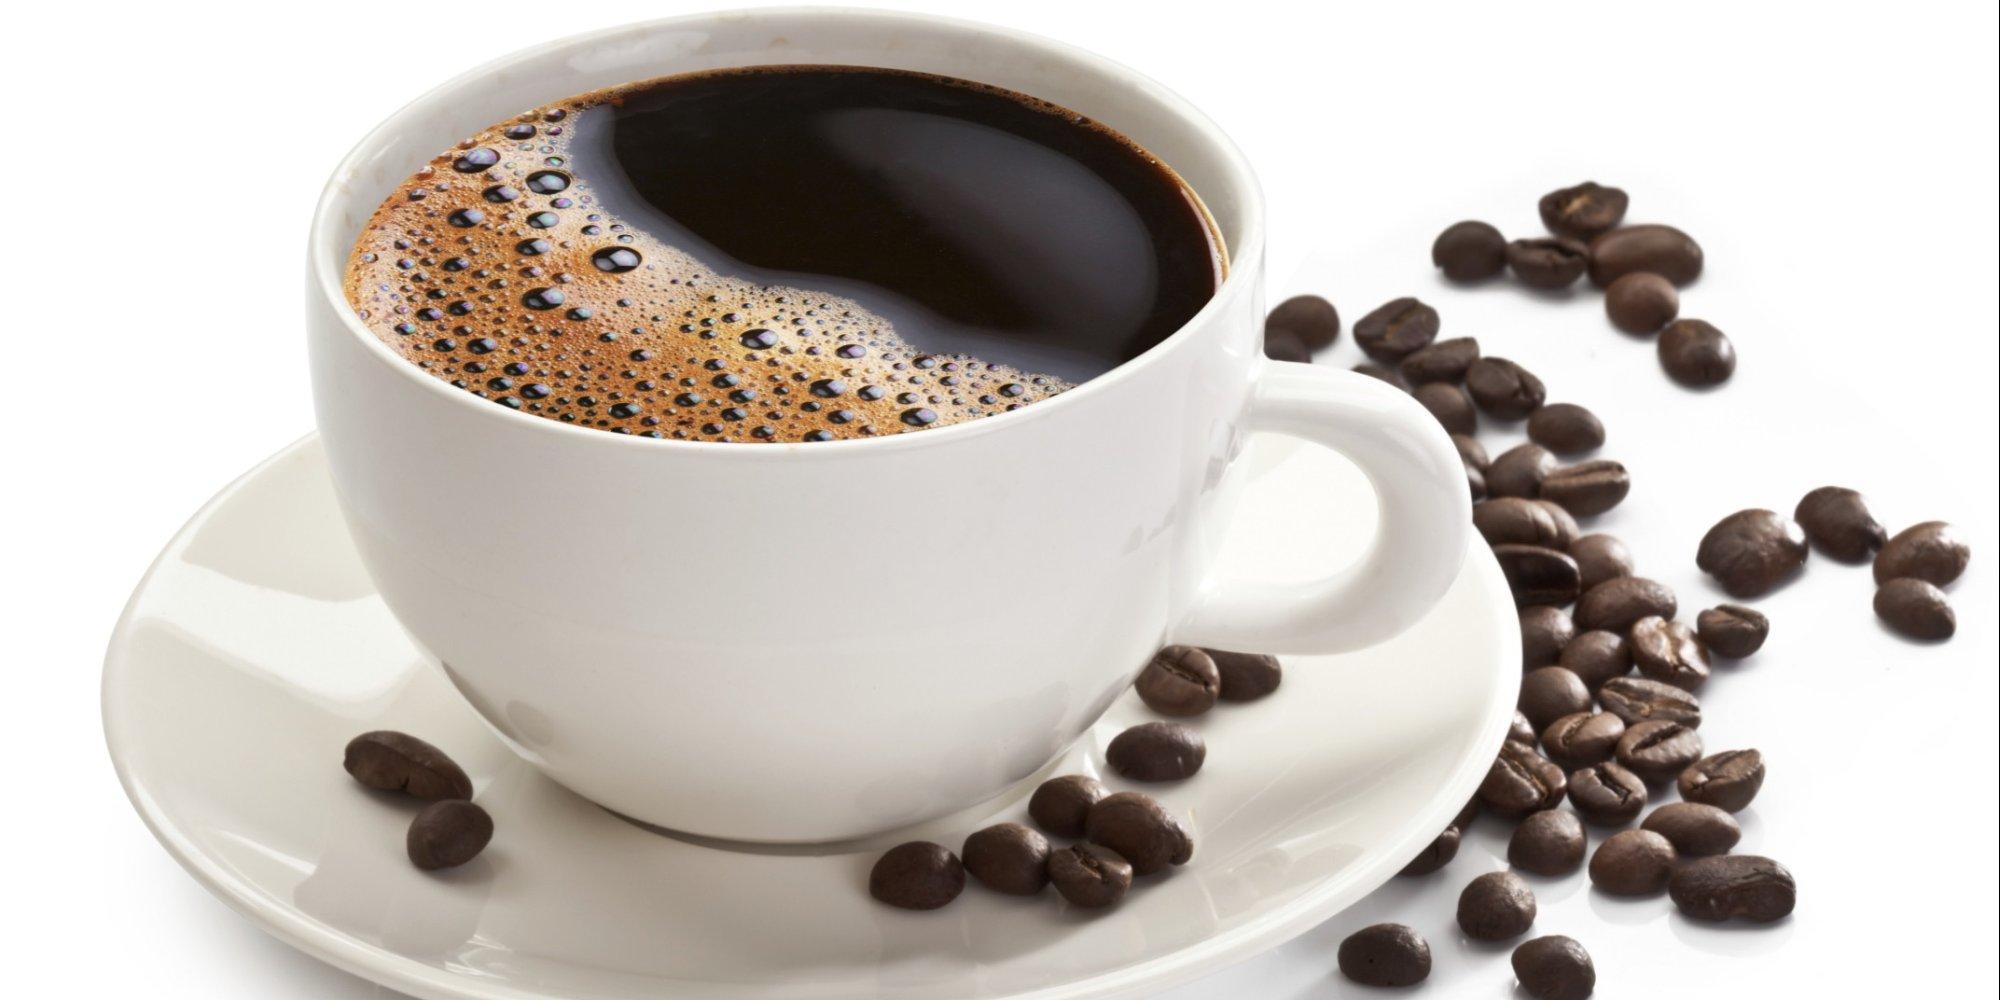 el café sirve para adelgazar